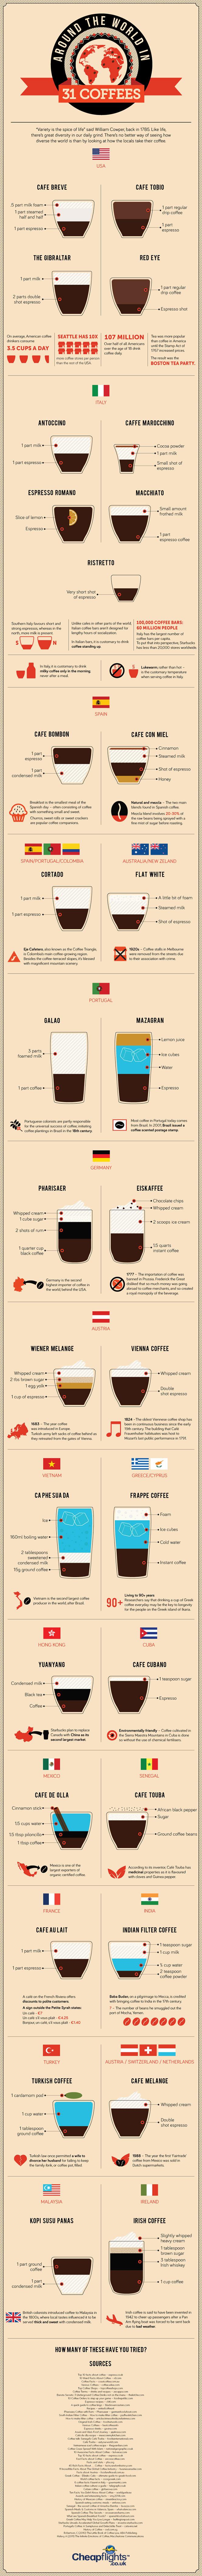 Πώς να παραγγείλετε καφέ σε 26 διαφορετικές χώρες | Otherside.gr (2)